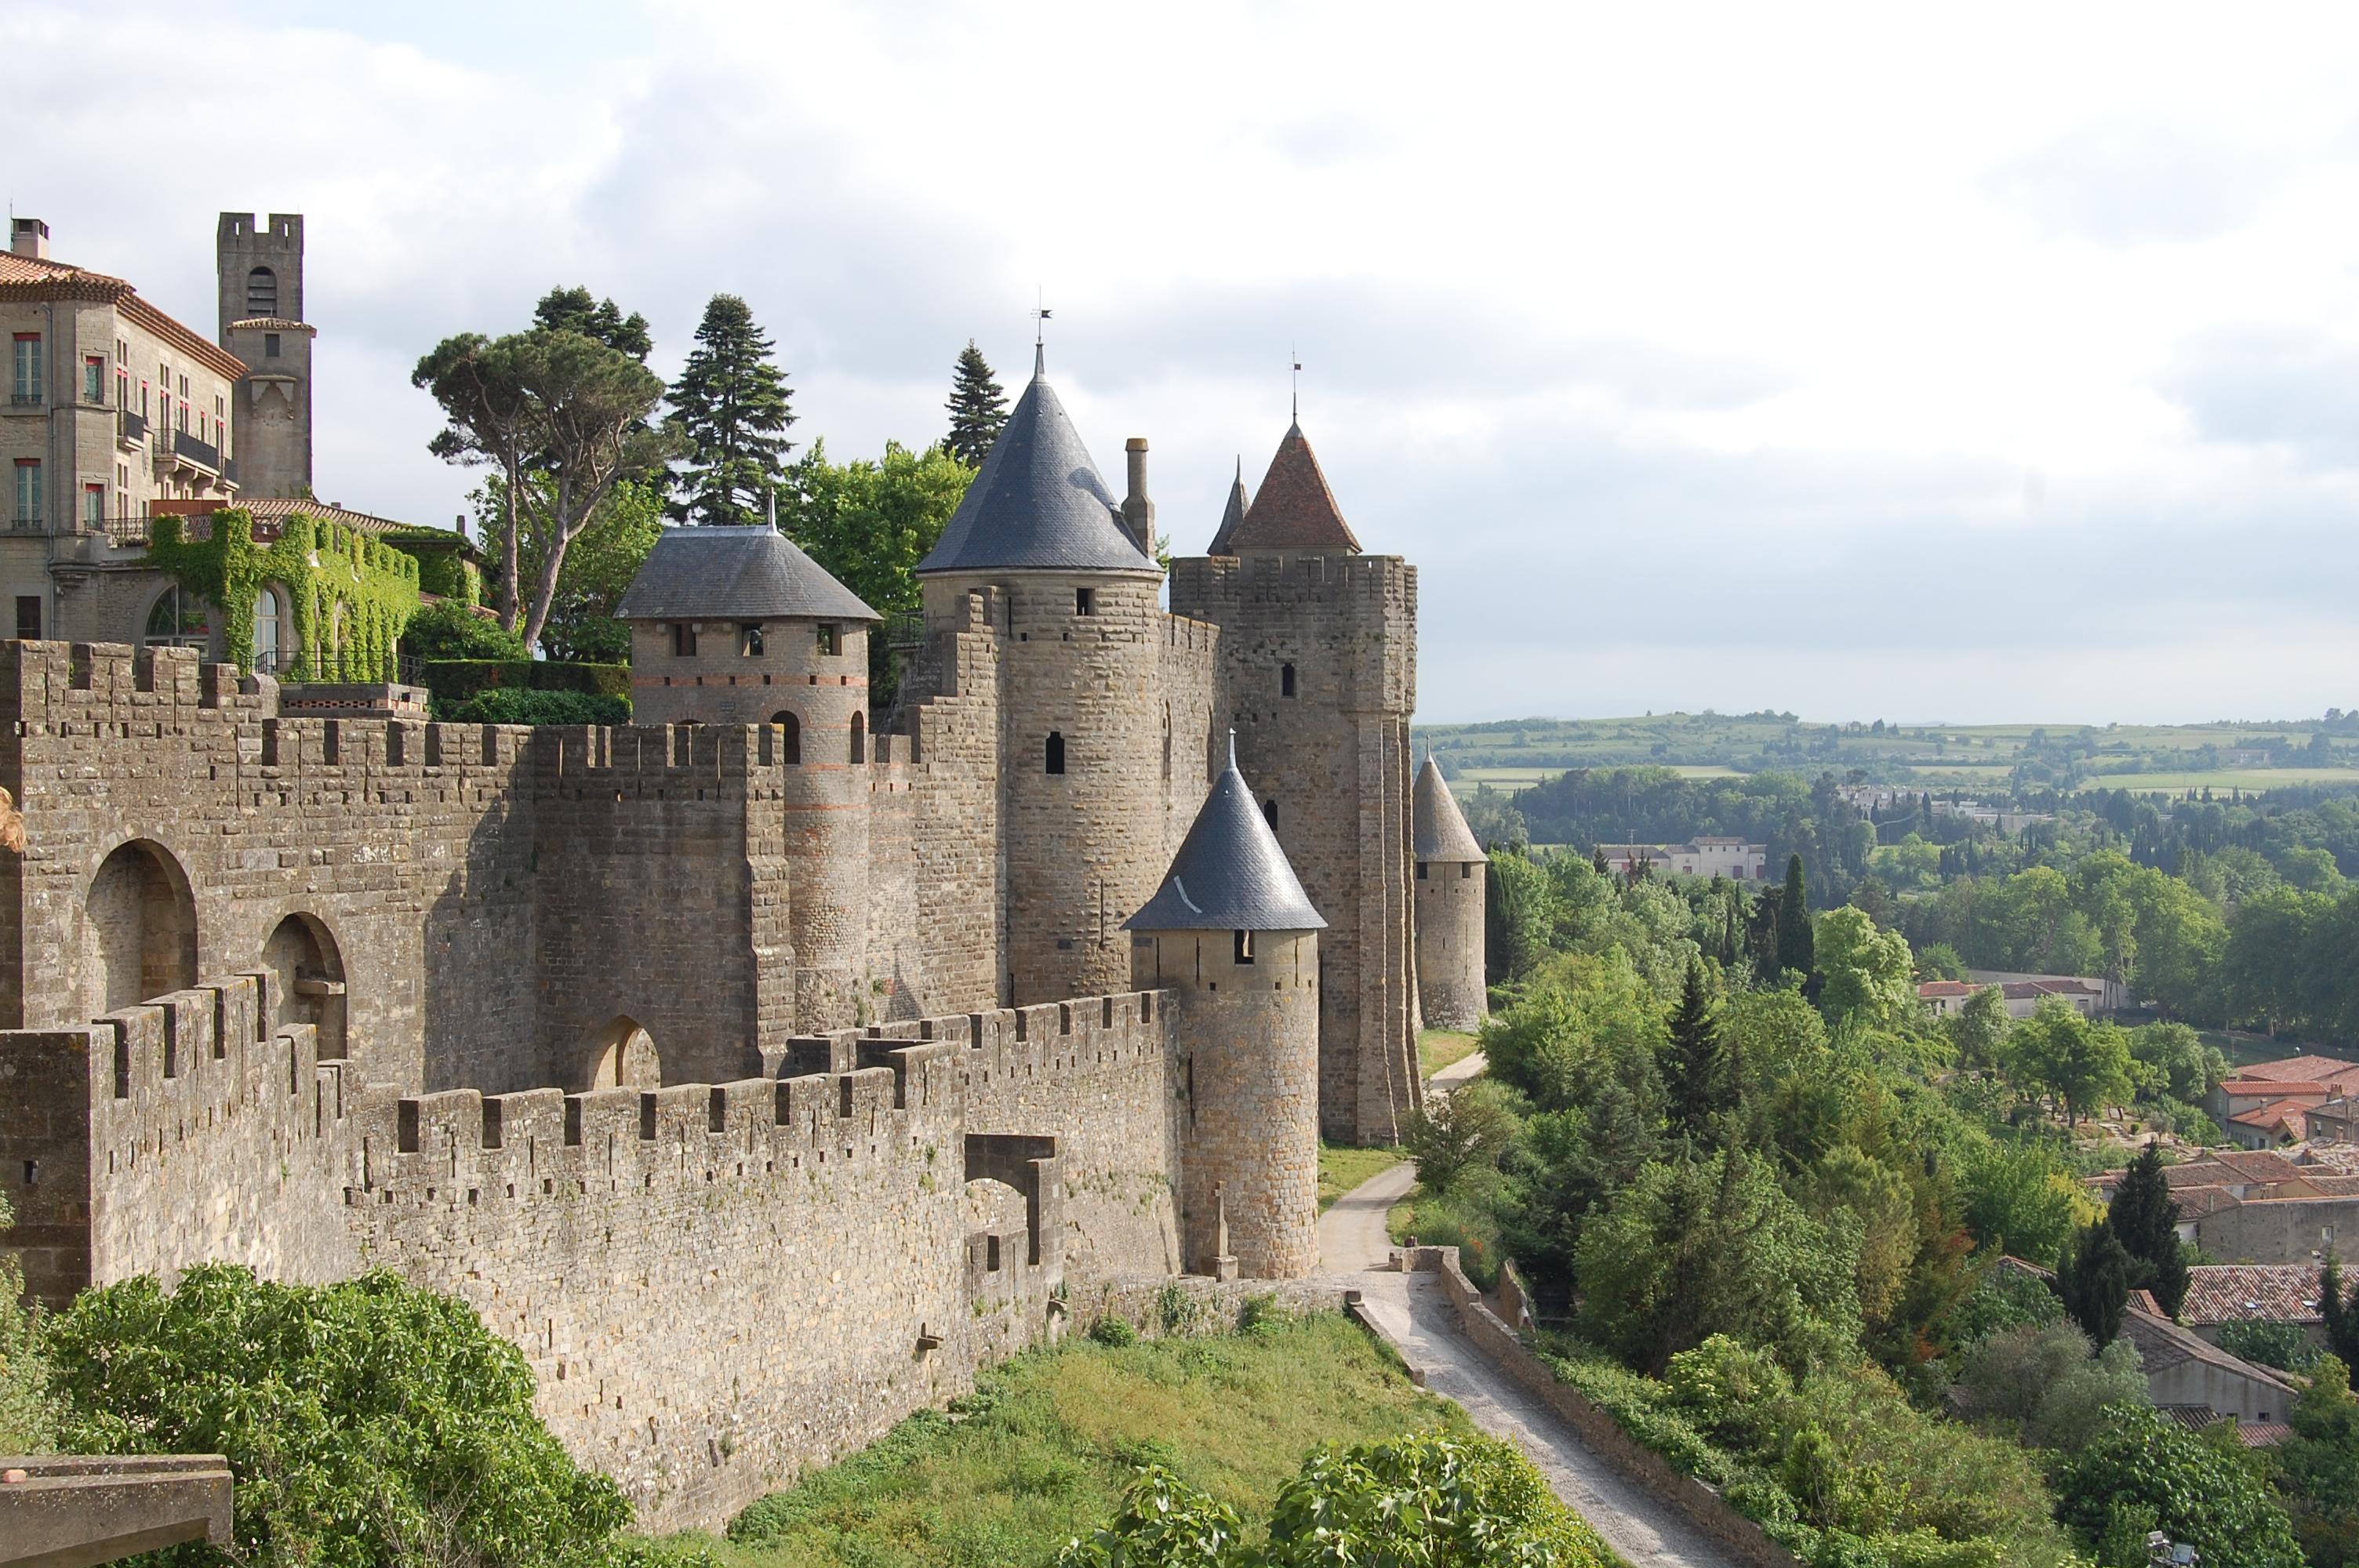 La cité de Carcassonne, ville fortifiée historique